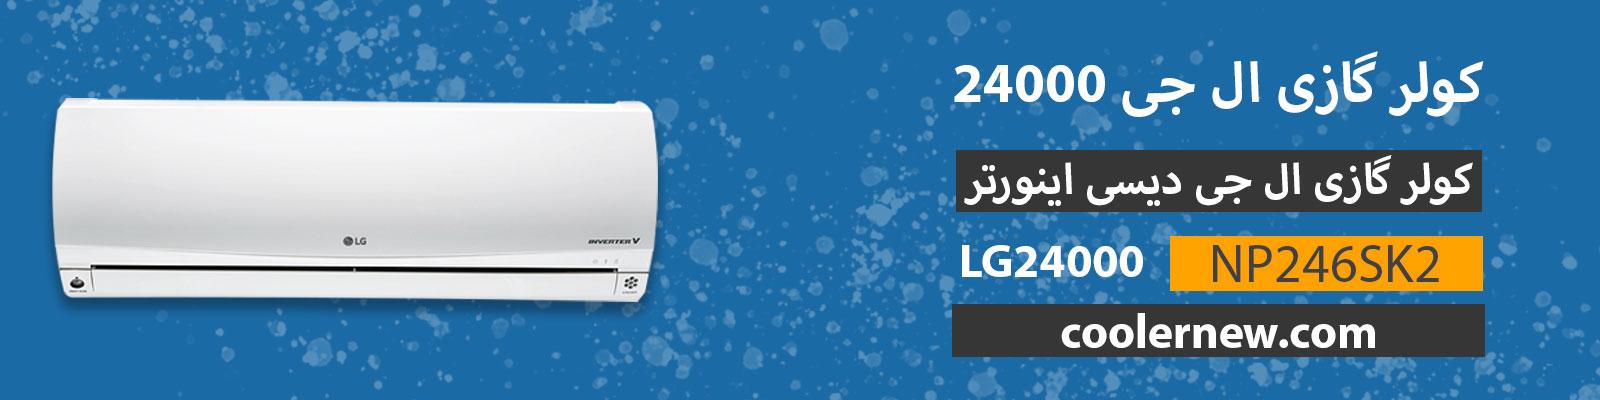 کولر گازی ال جی نکست پلاس 24000 دیسی اینورتر